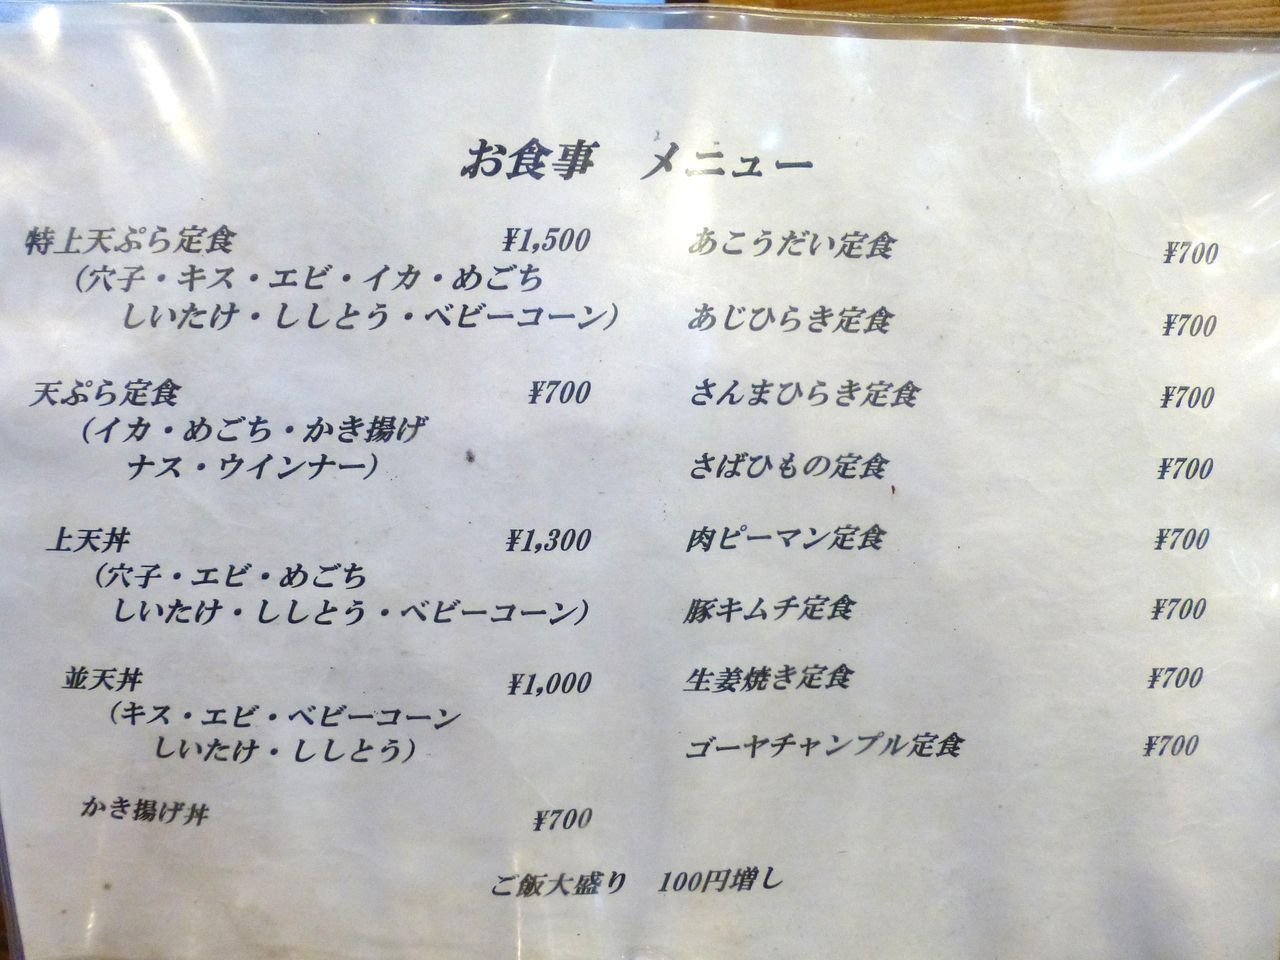 天婦羅うえじまのメニュー(25年12月現在)